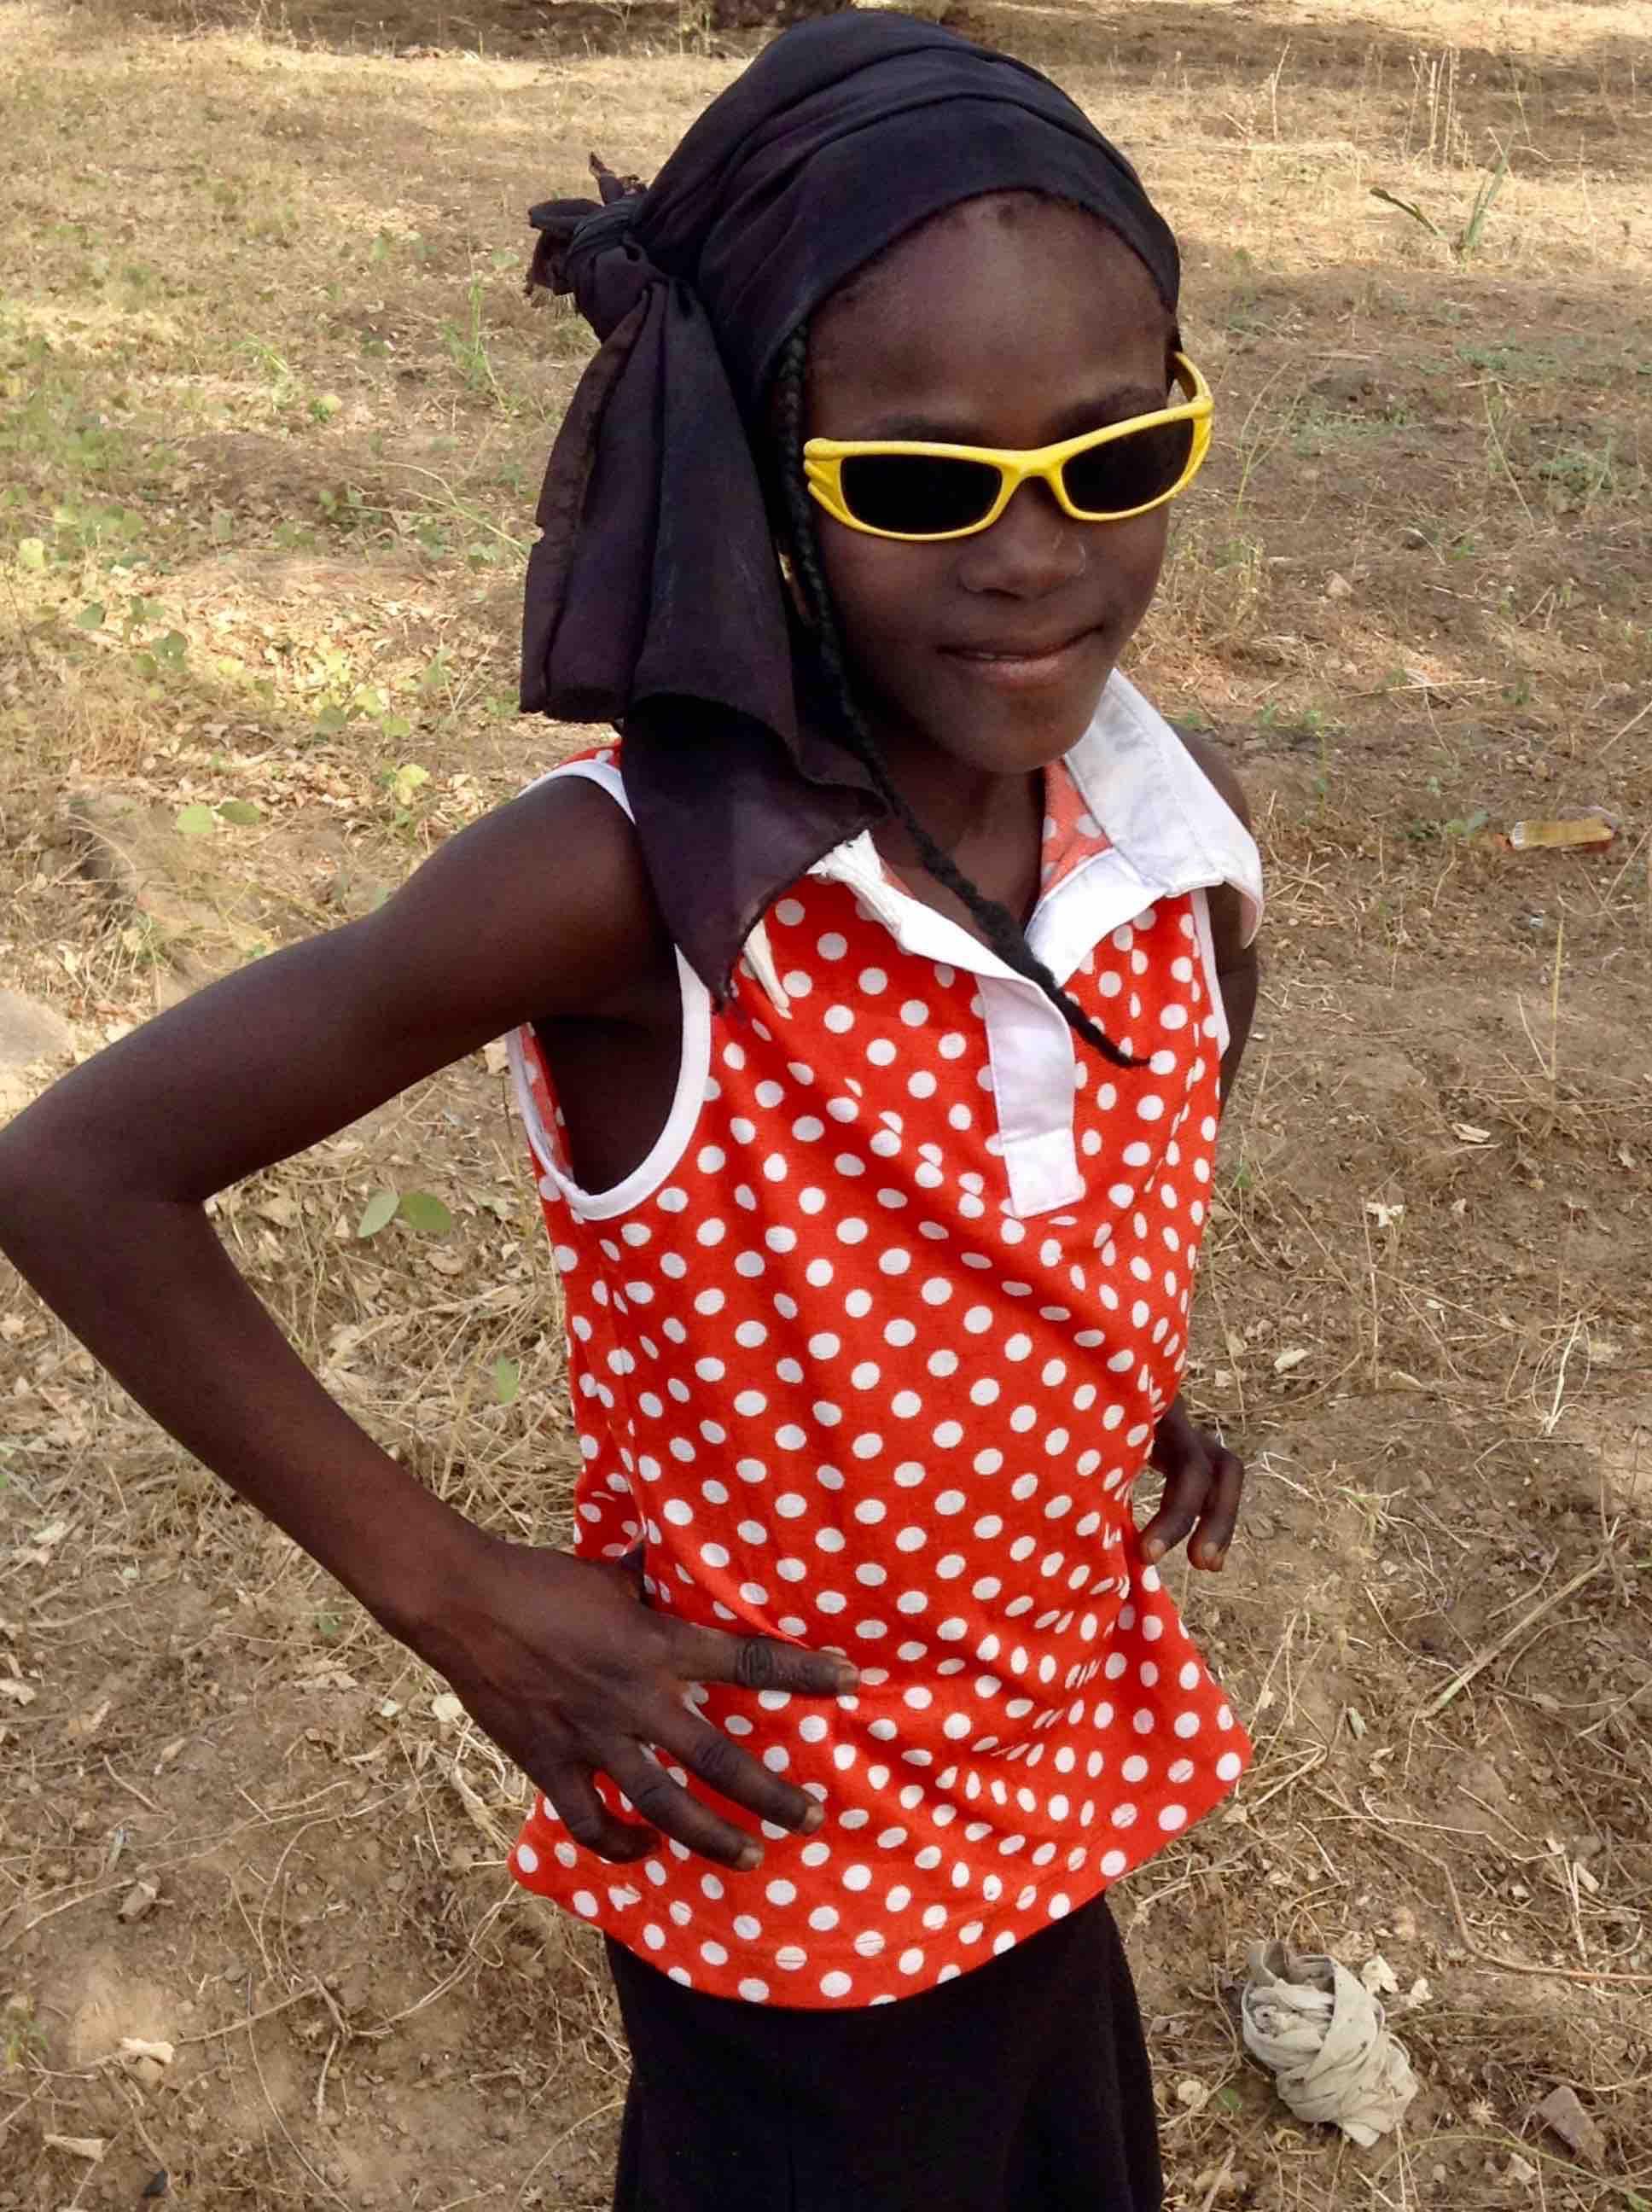 Eggon girl in Langa Langa Village, Nasarawa State, Nigeria. #JujuFilms